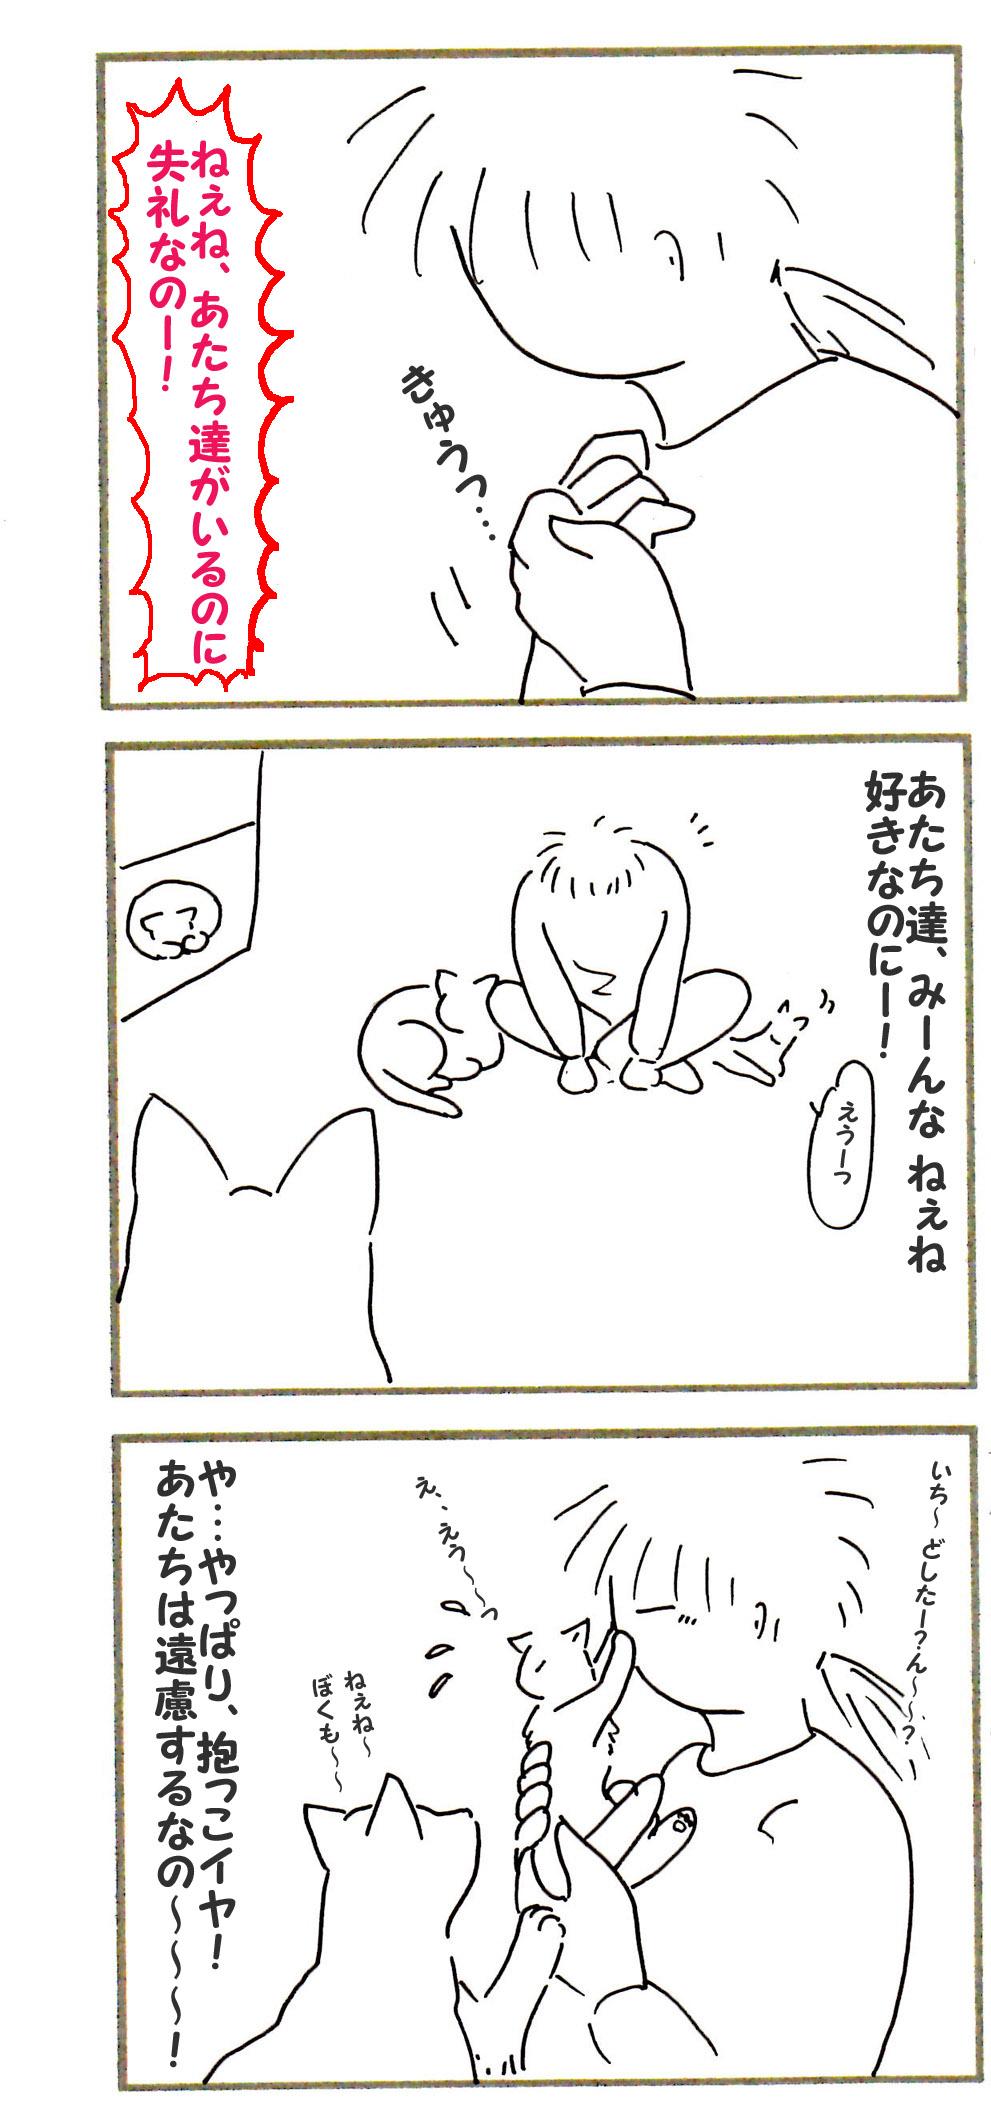 101117-2.jpg